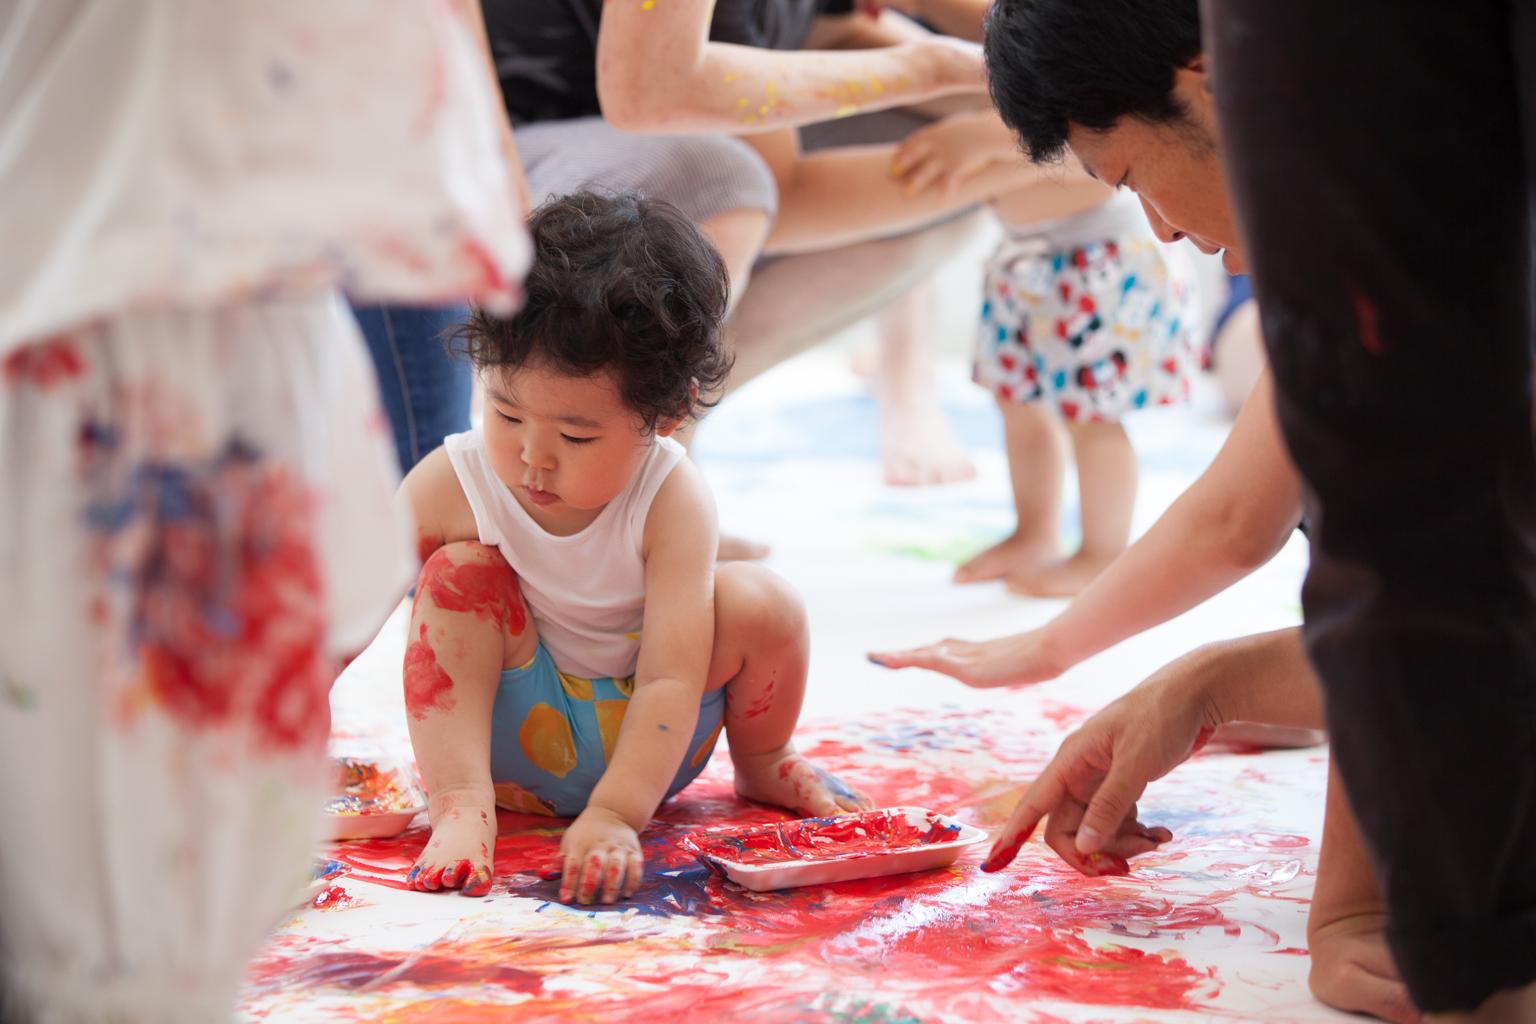 【最終回】さぁ!ラクガキを親子で楽しもう!|乳幼児の身体と感覚の発達を育むラクガキ遊びvol.6 | スマイルママ